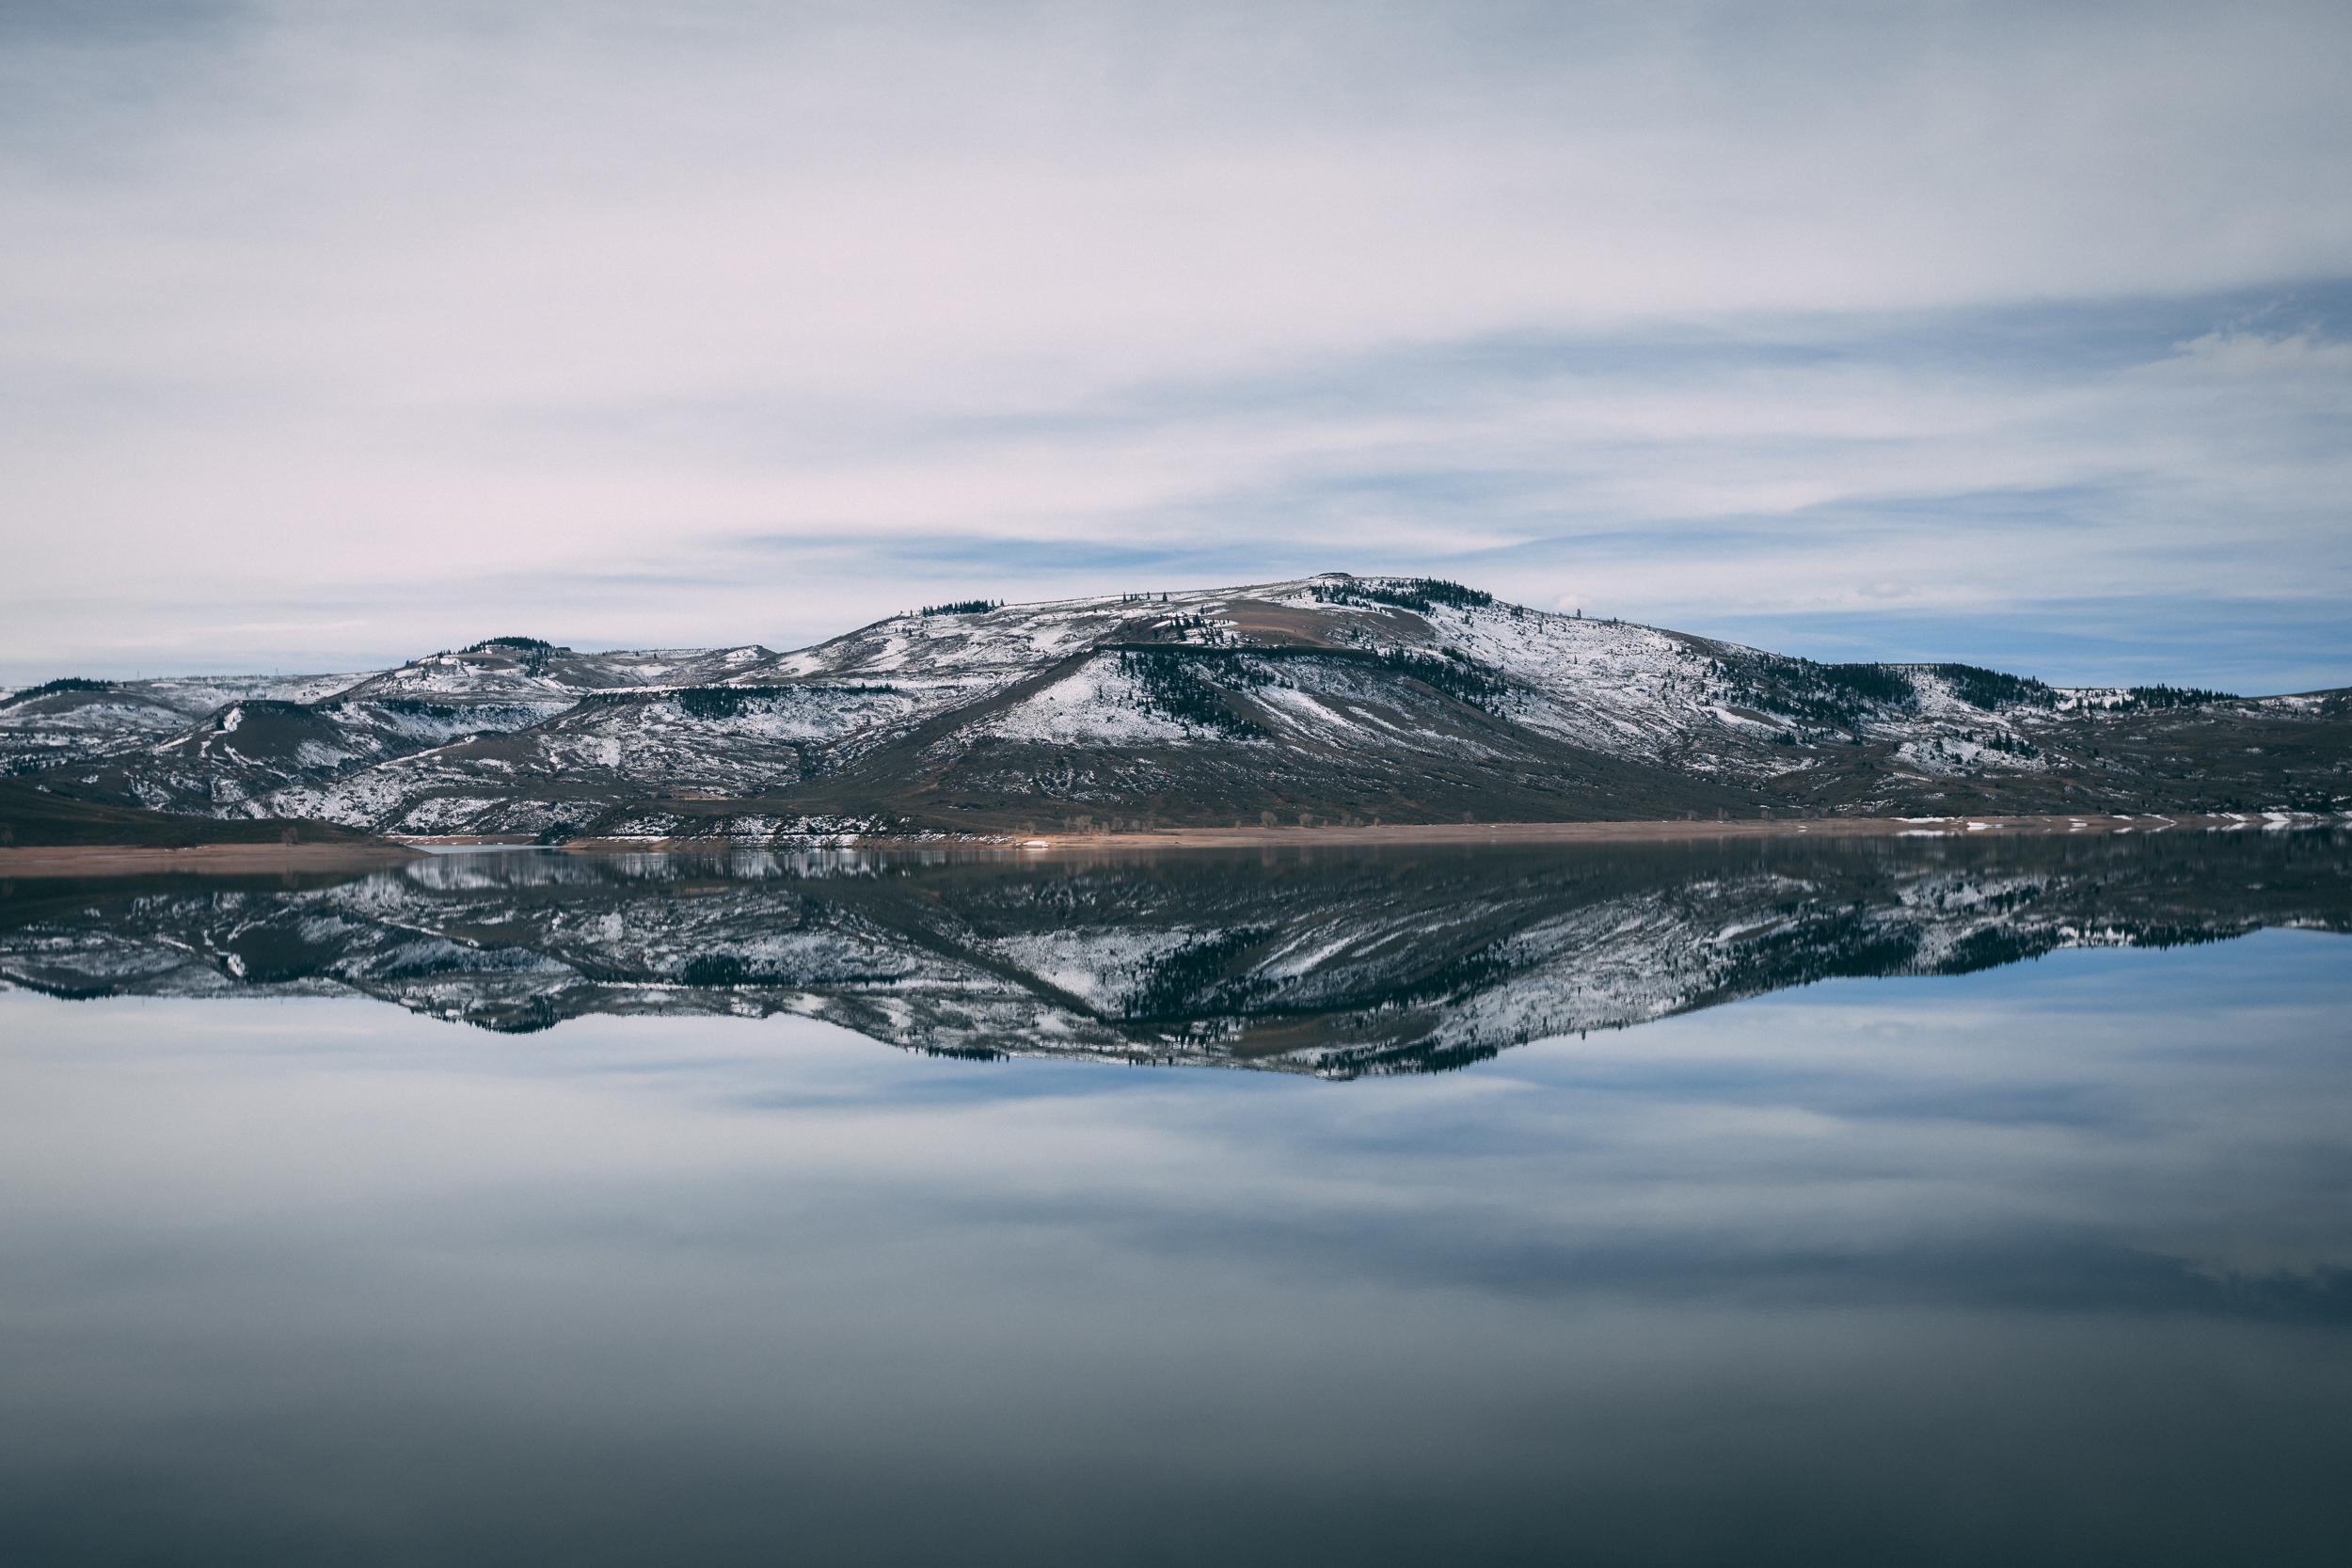 Colorado - Landscapes